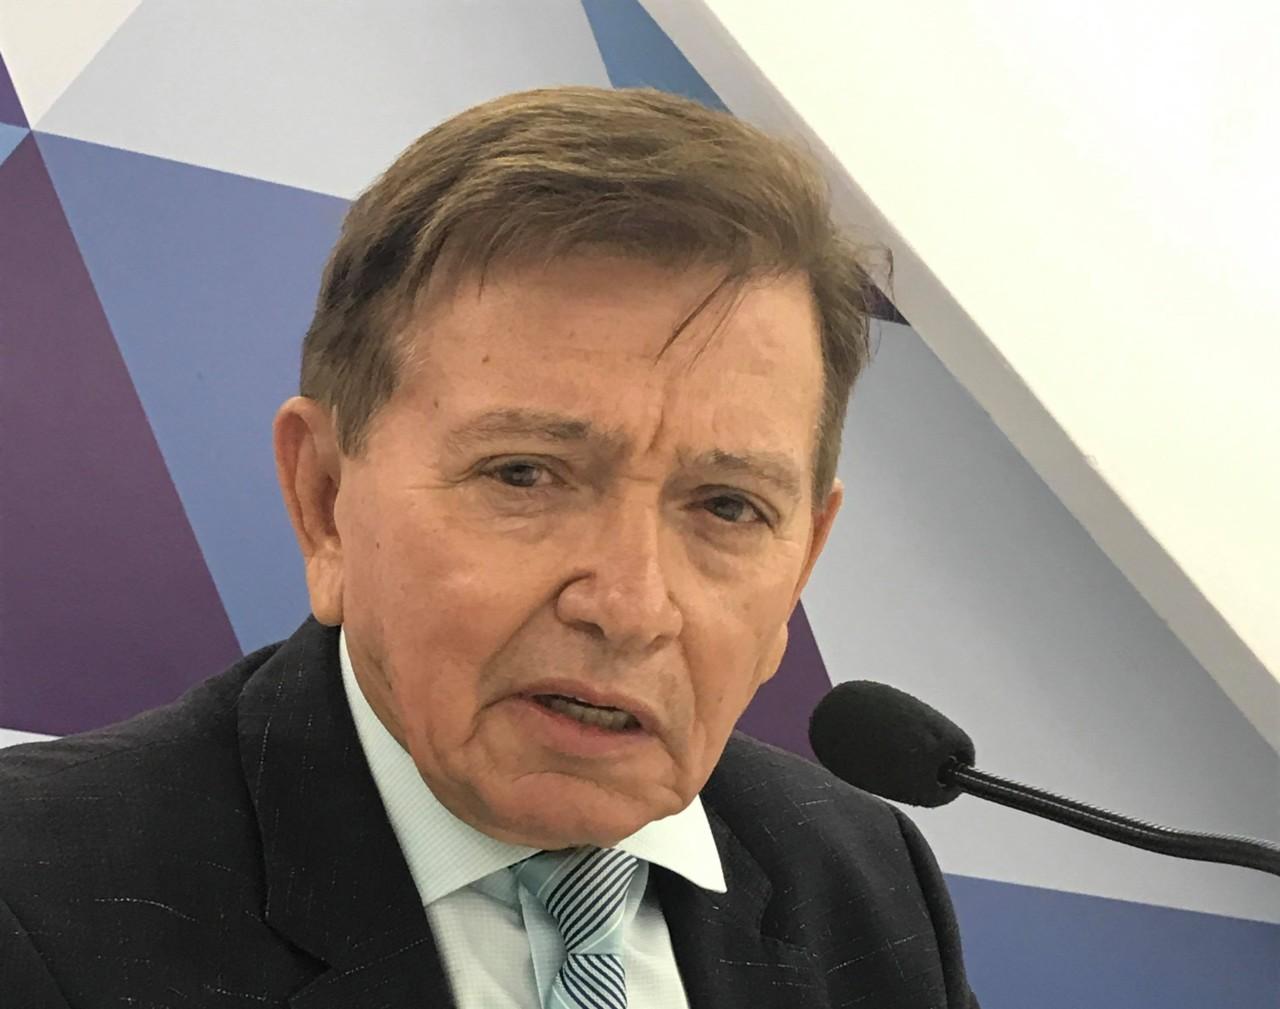 d532f8b94026f8b7f28d55e1d82fe7be - Mesmo em ninho tucano, João Henrique afirma que Lula ajudou a construir o estado democrático de direito; VEJA VÍDEOS